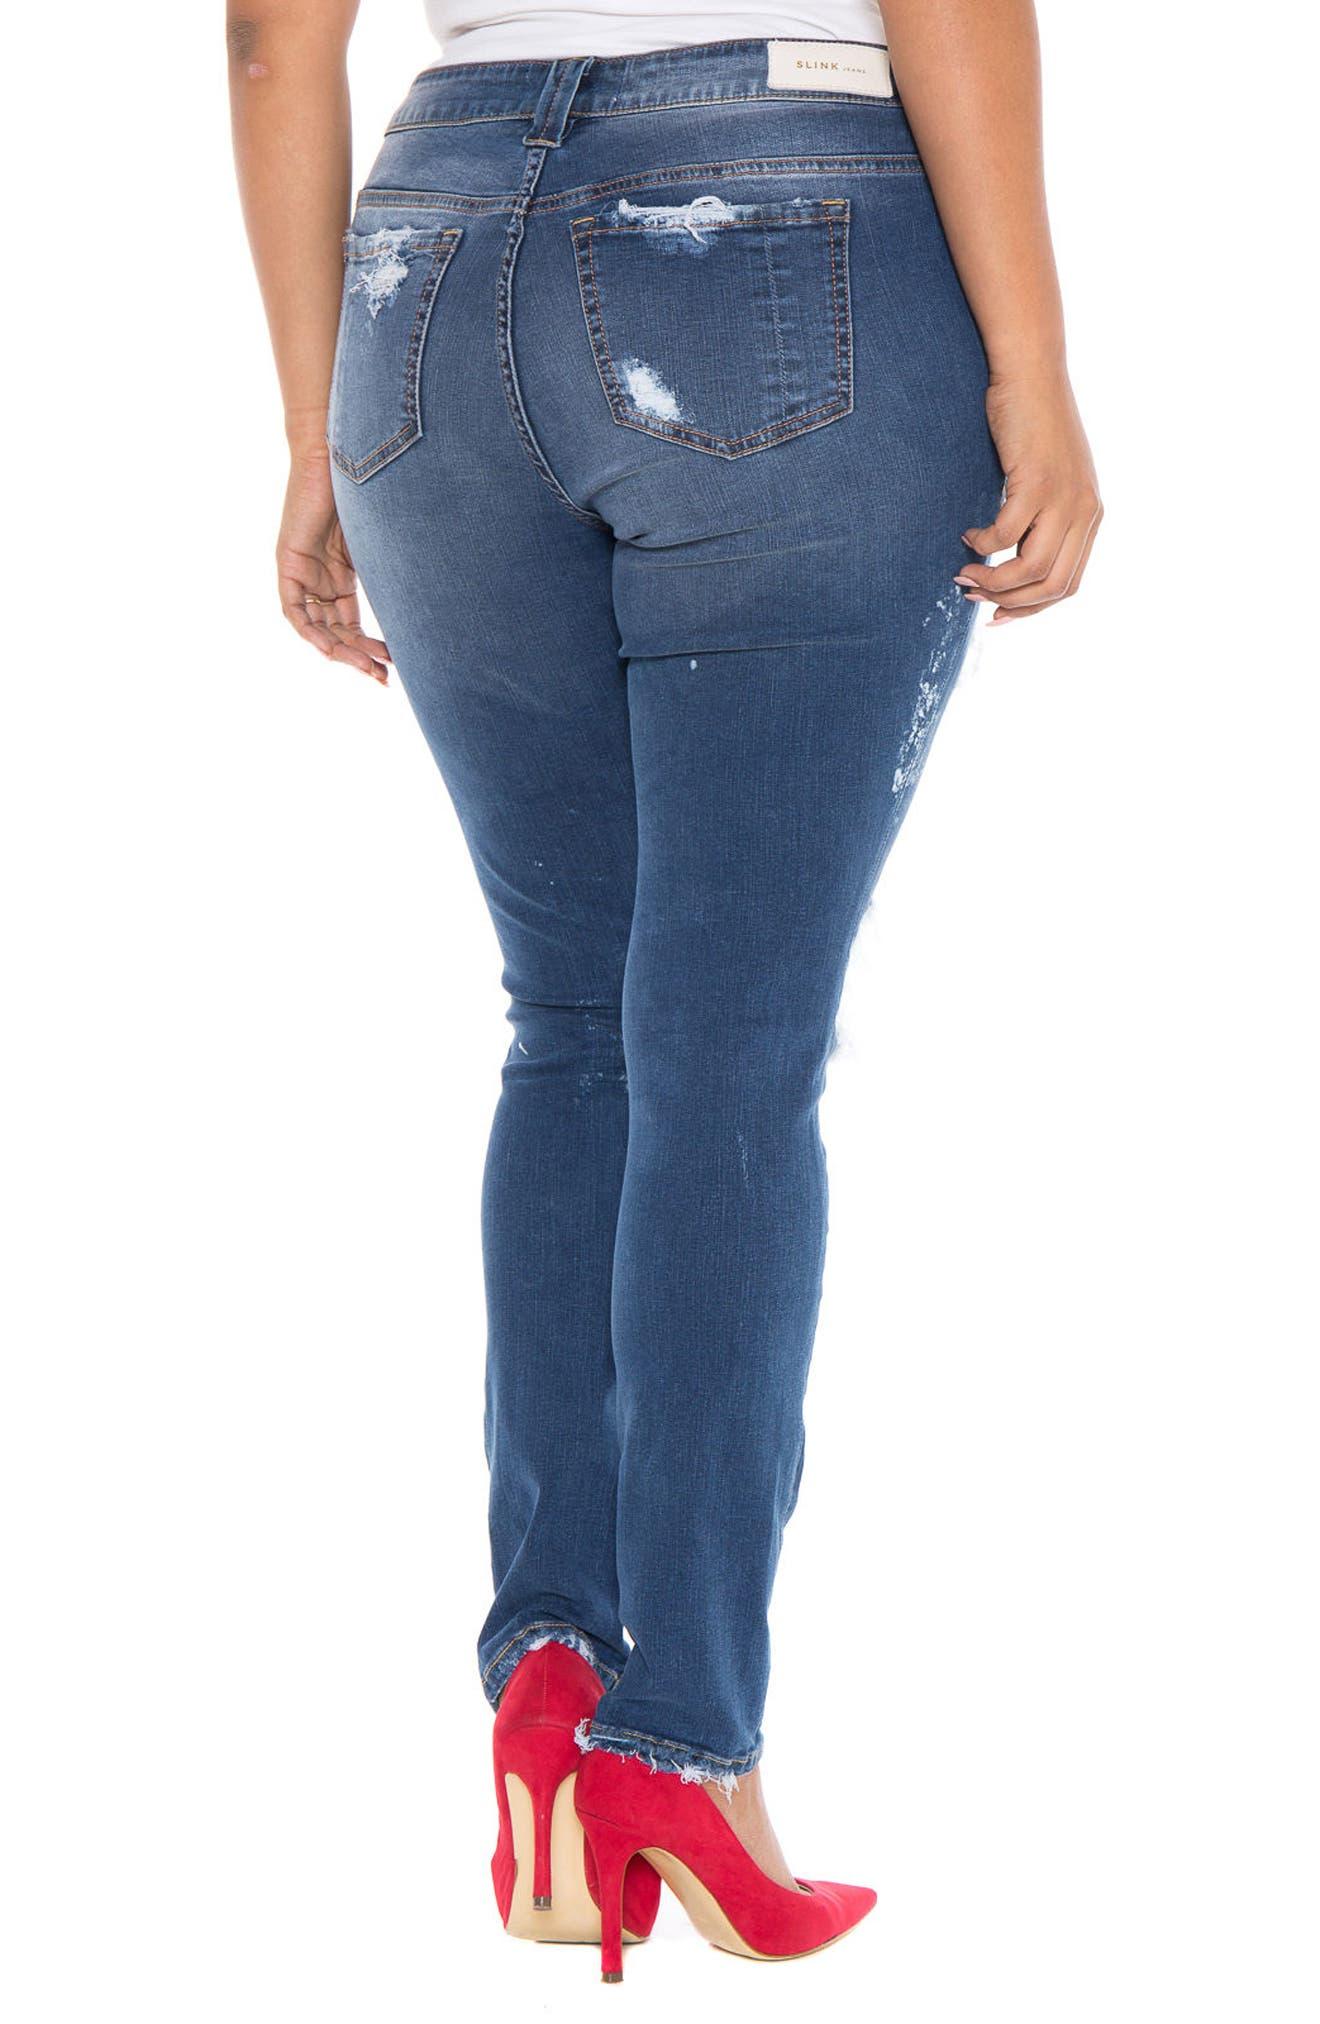 SLINK Destroyed Skinny Jeans,                             Alternate thumbnail 2, color,                             492